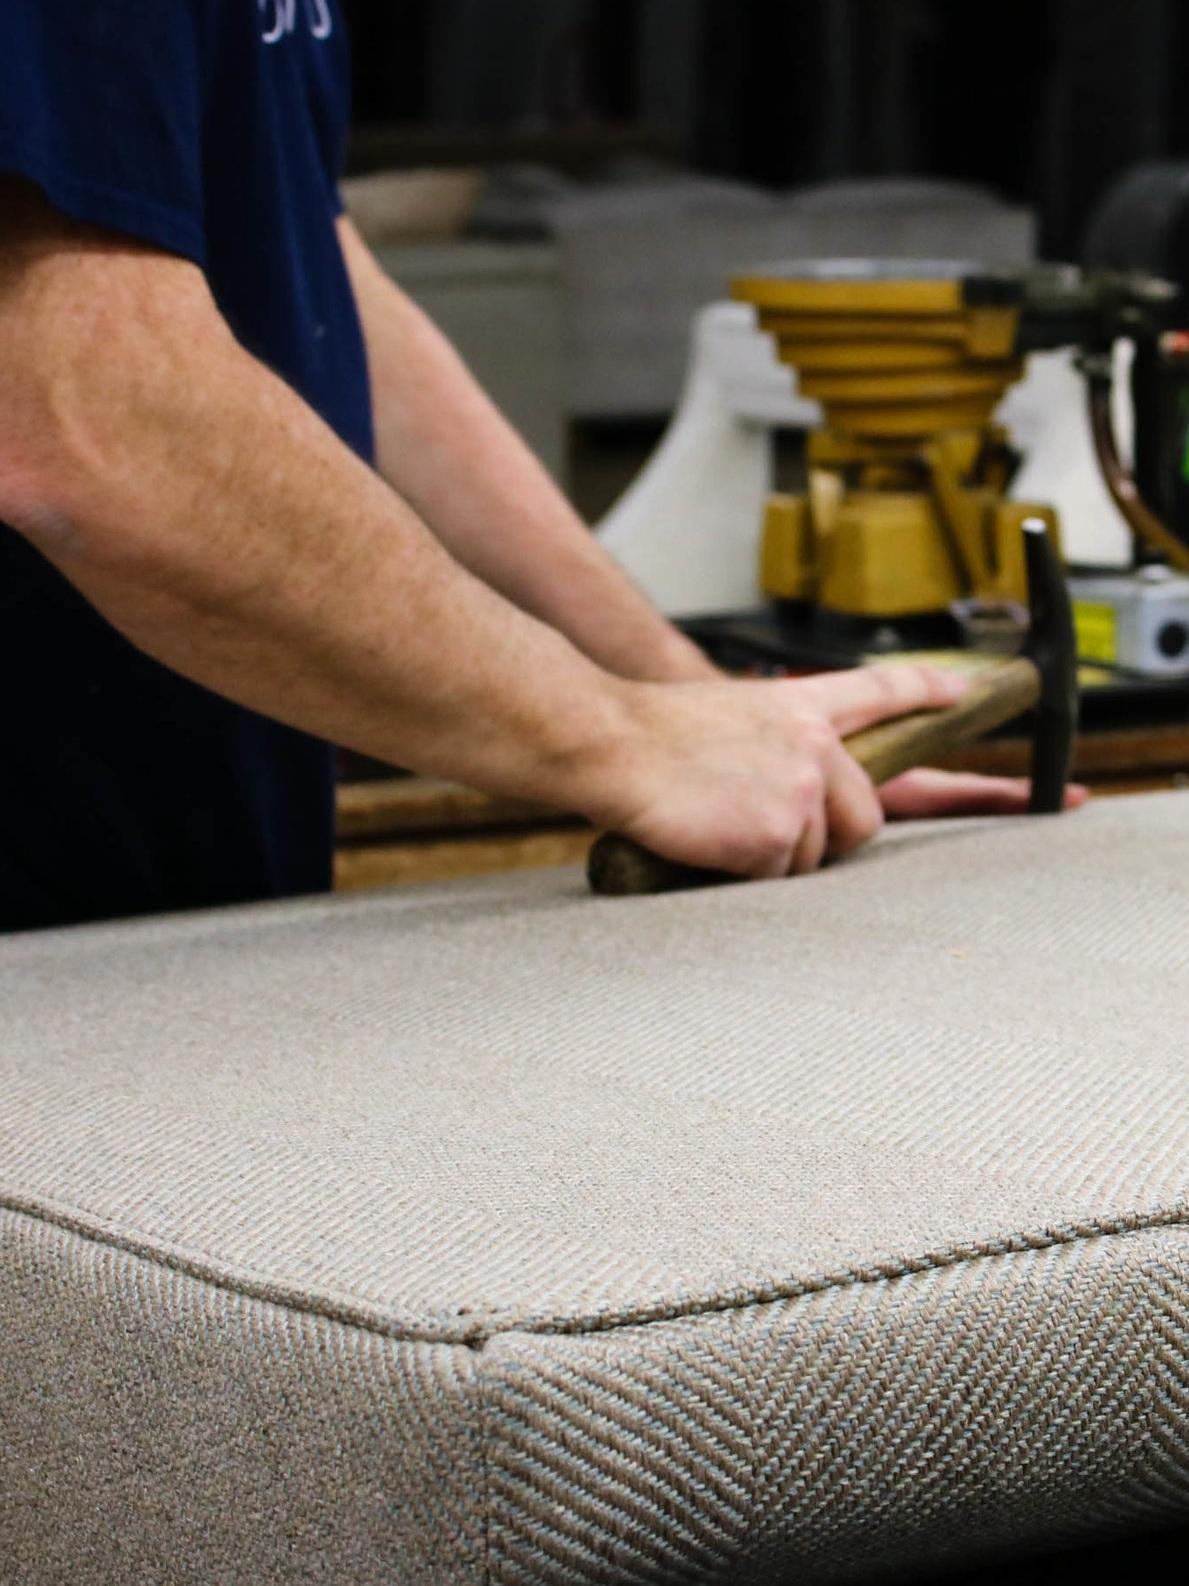 upholstering-furniture